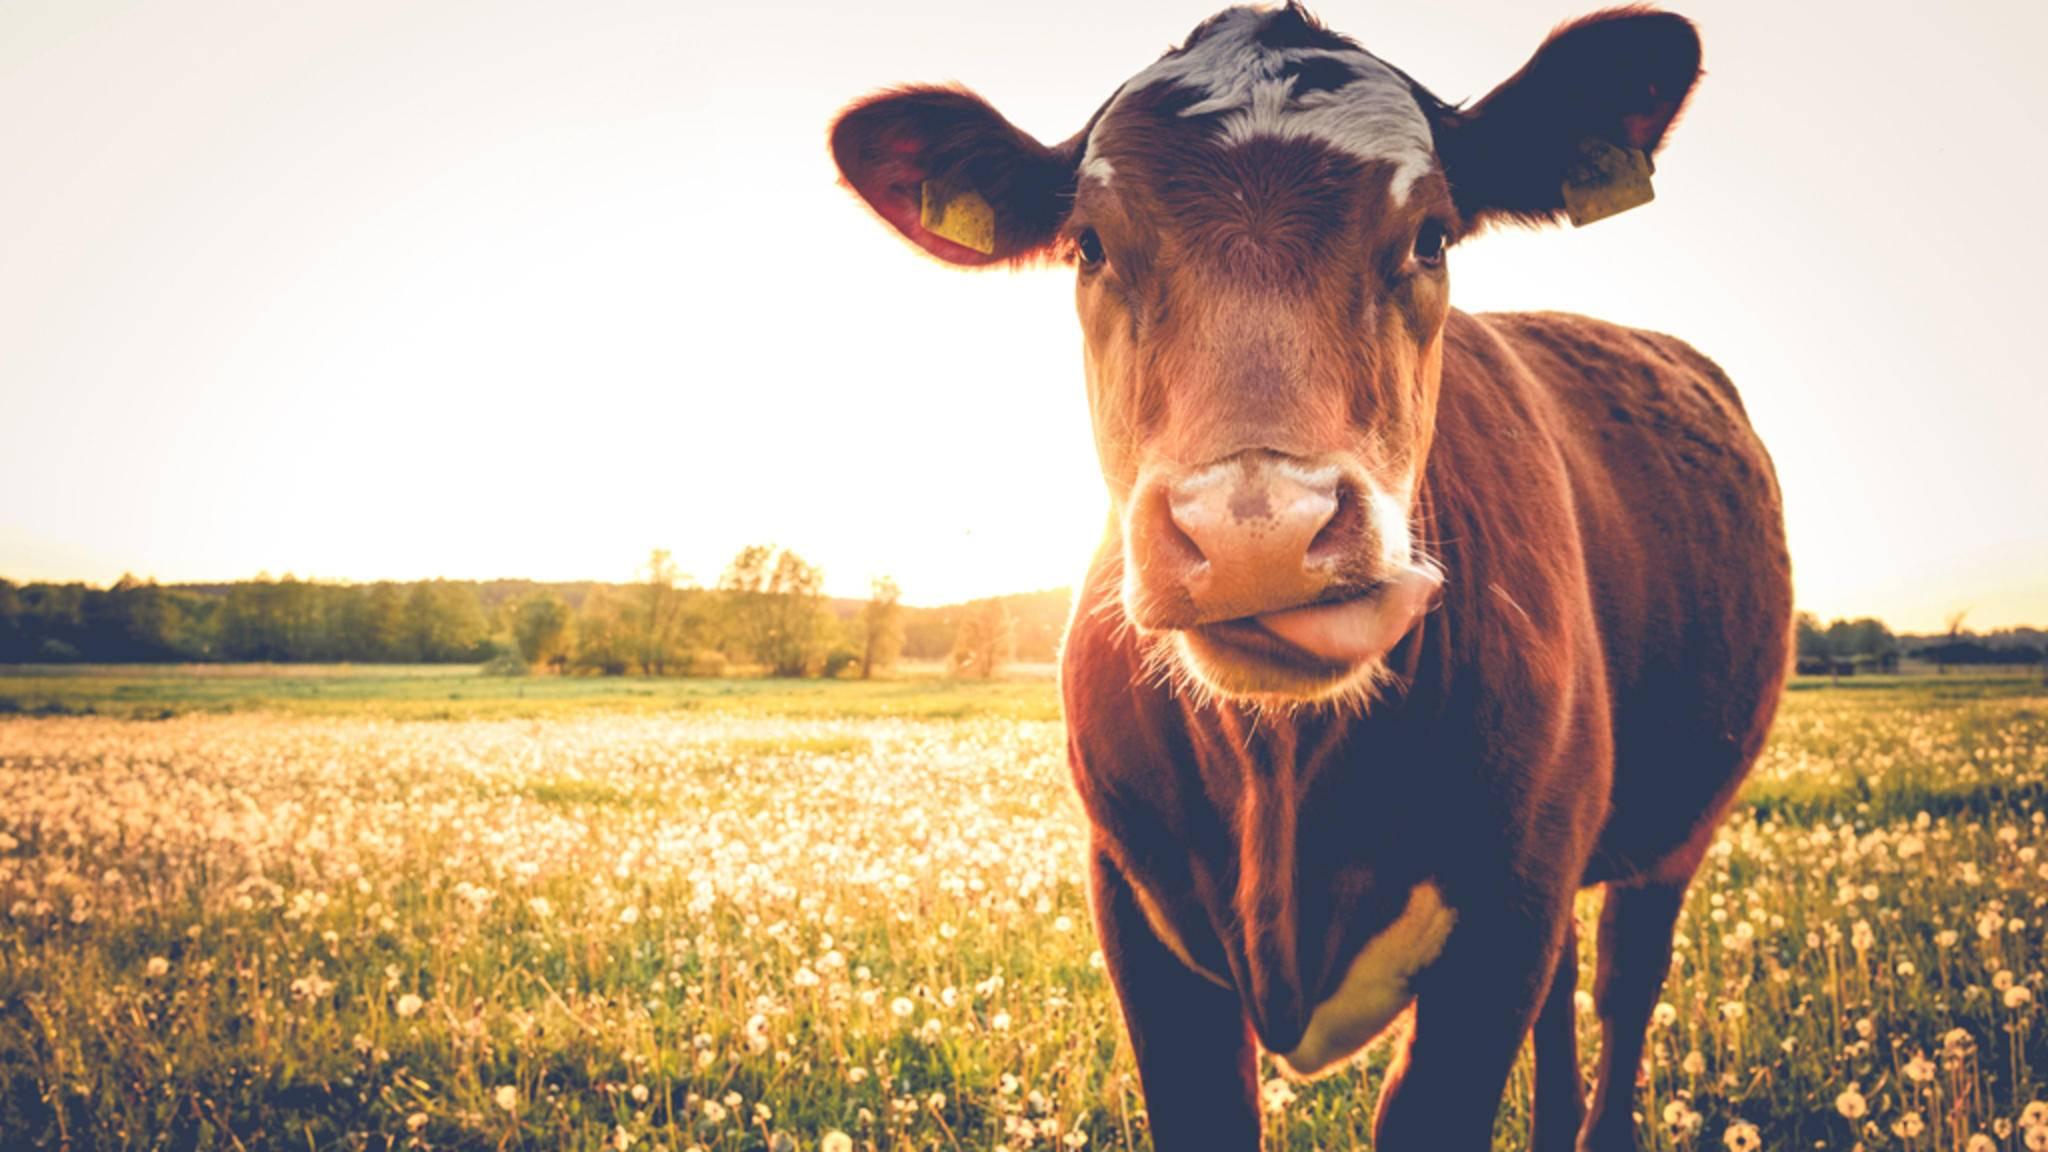 Milch von glücklichen Kühen? Mit Wearable Ushi-ble sollen sich die Tiere im Sommer wohler fühlen.